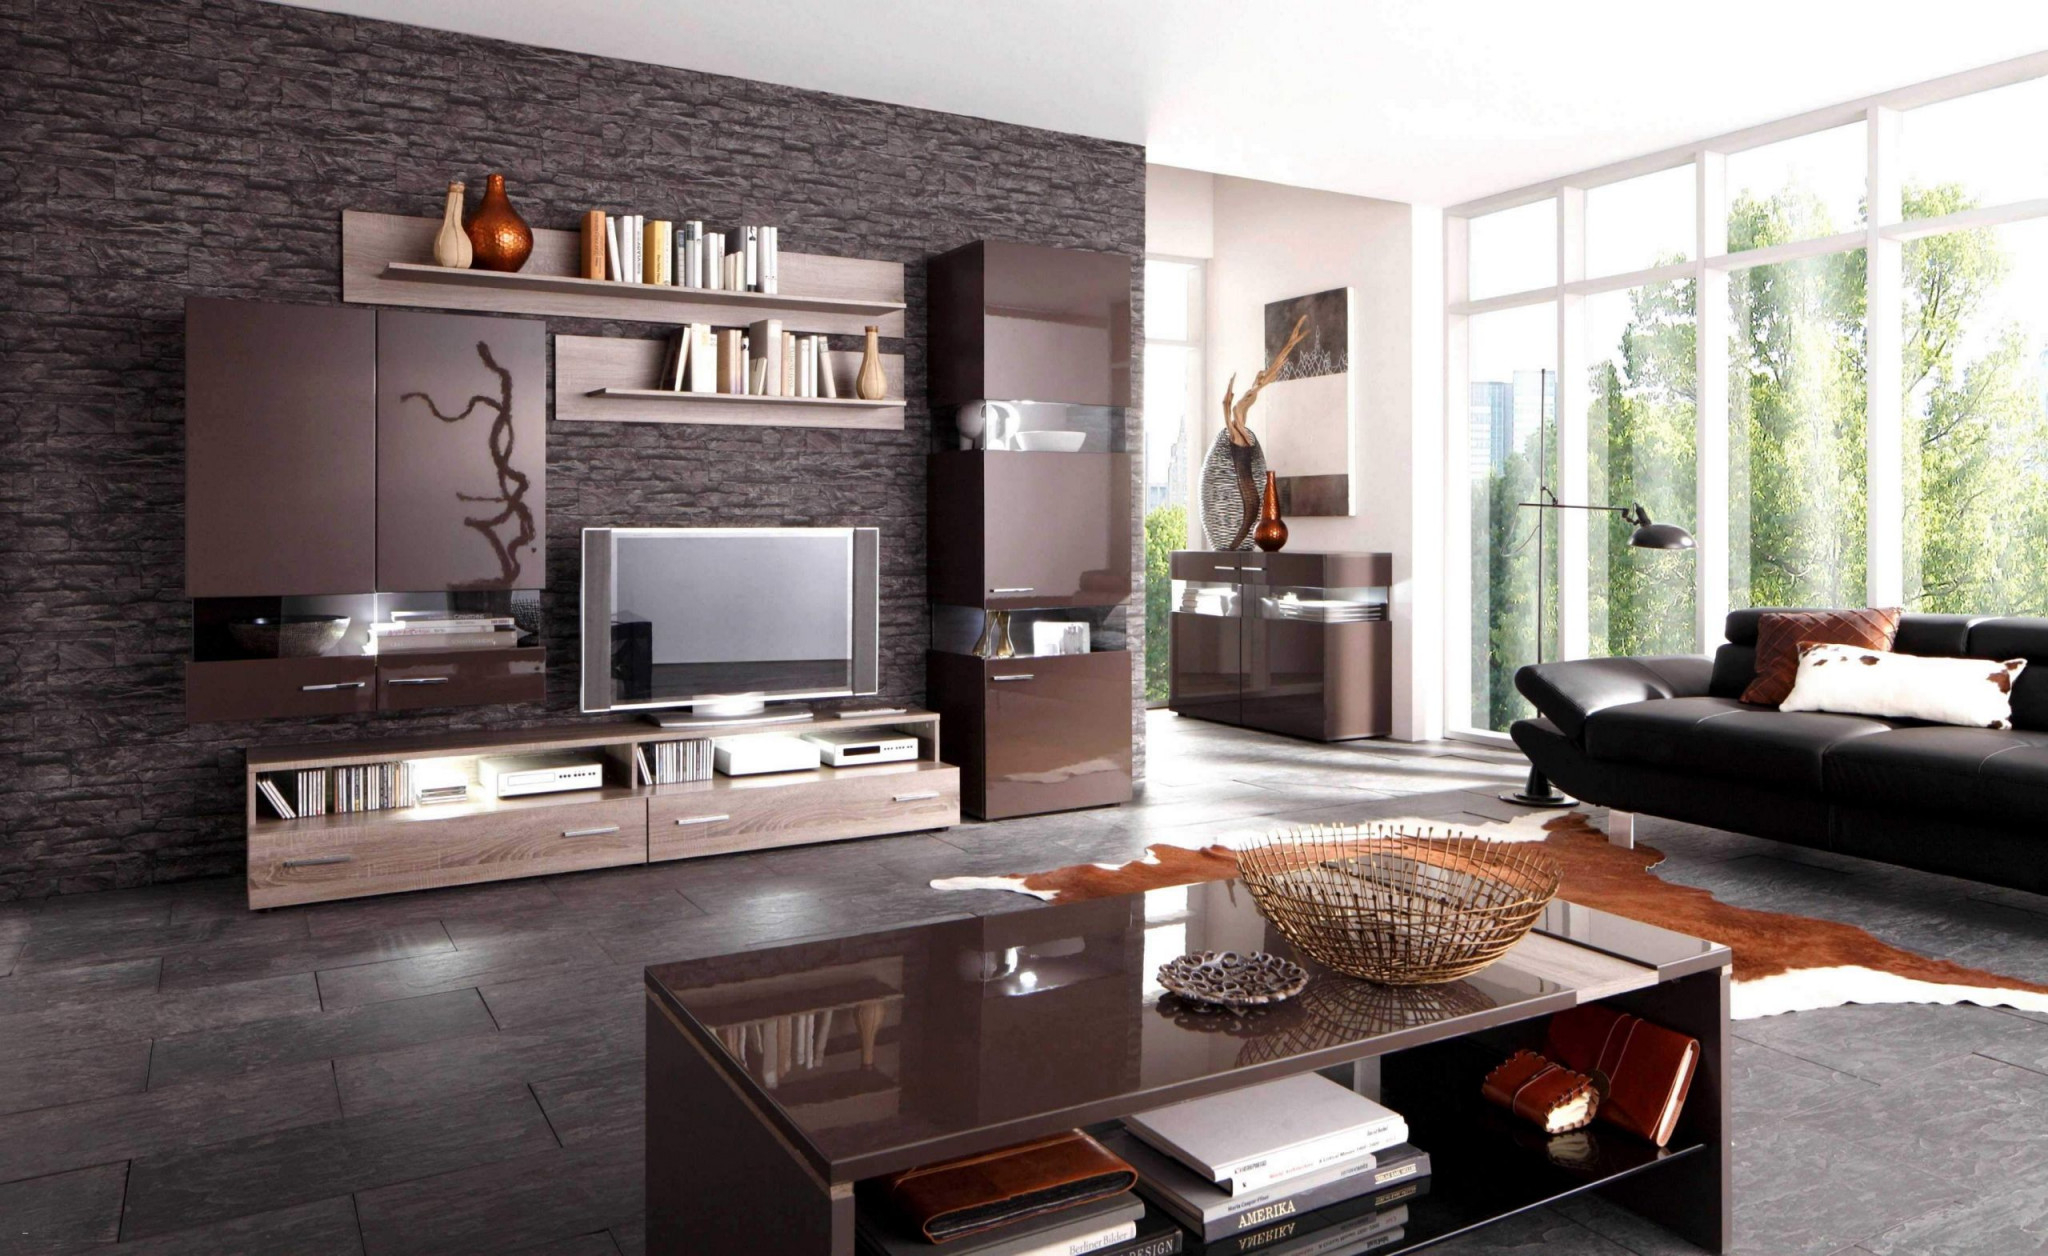 Wohnzimmer Holz Inspirierend Wohnzimmer Ideen Wandgestaltung von Wohnzimmer Holz Ideen Photo